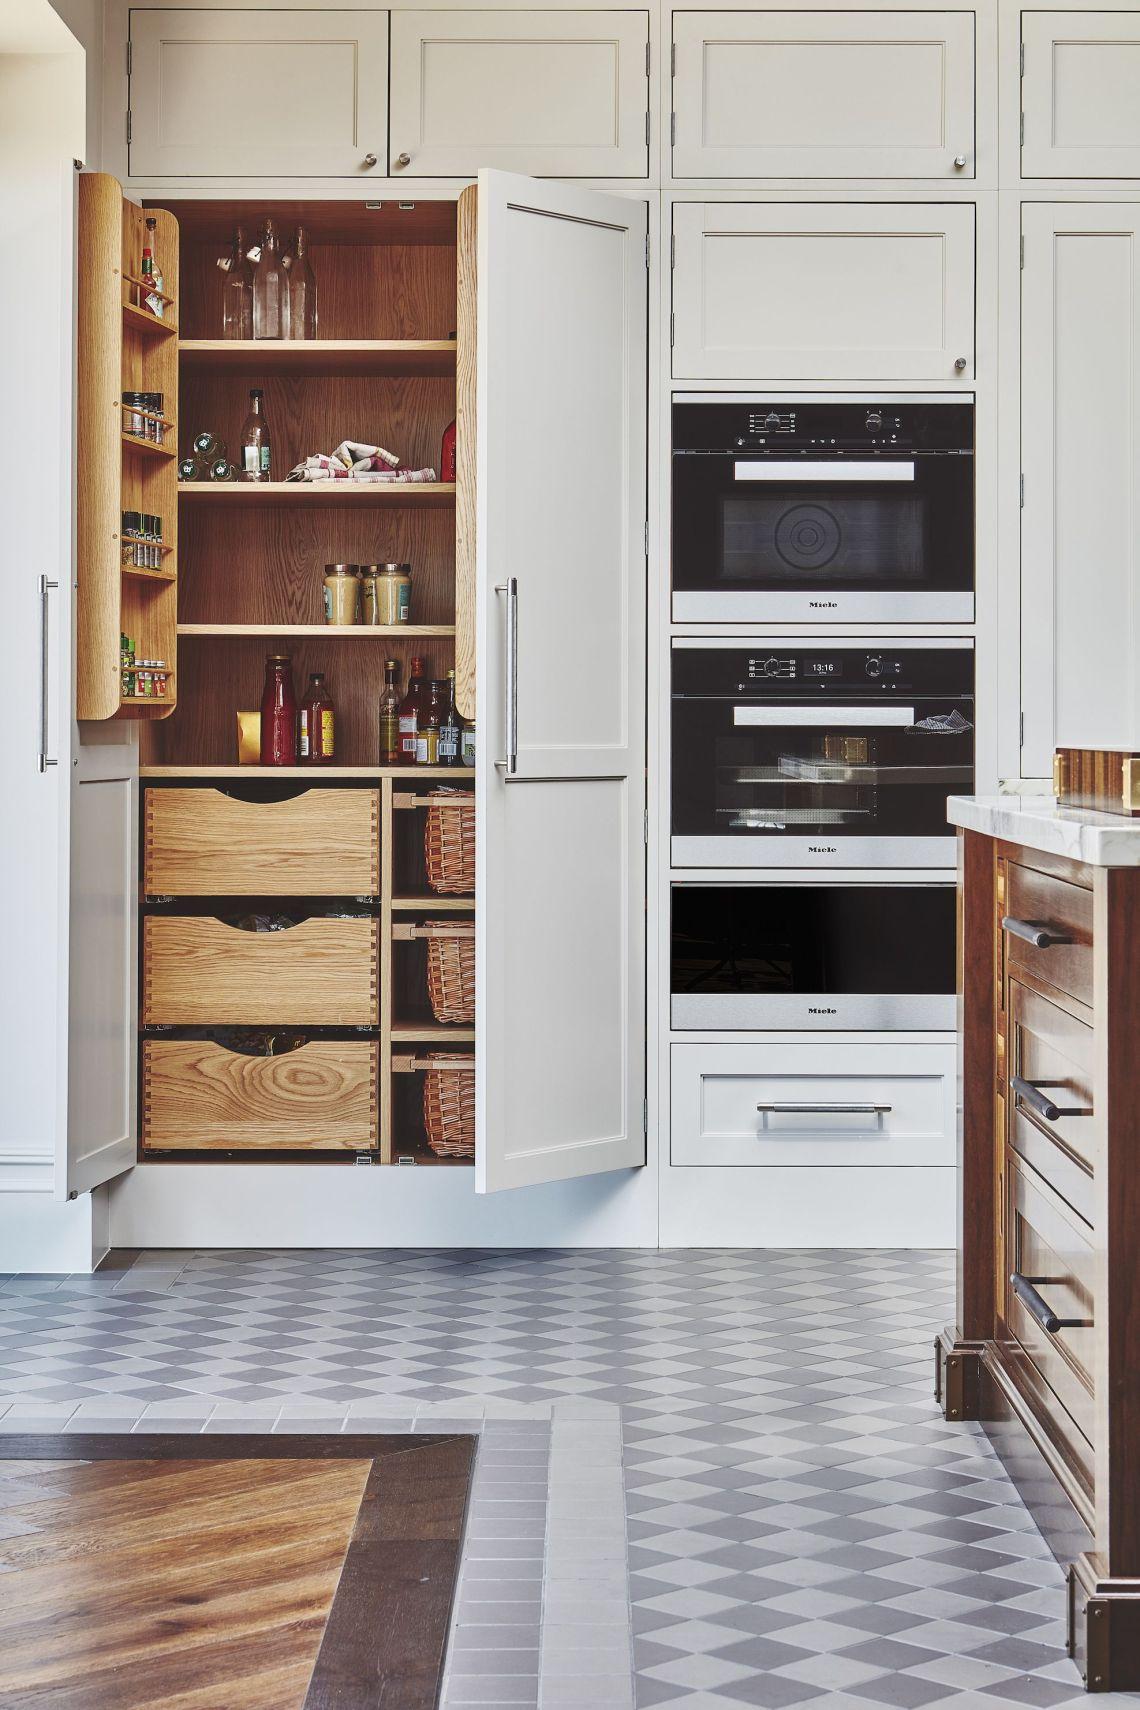 20 Best Kitchen Design Trends of 2019 - Modern Kitchen ...